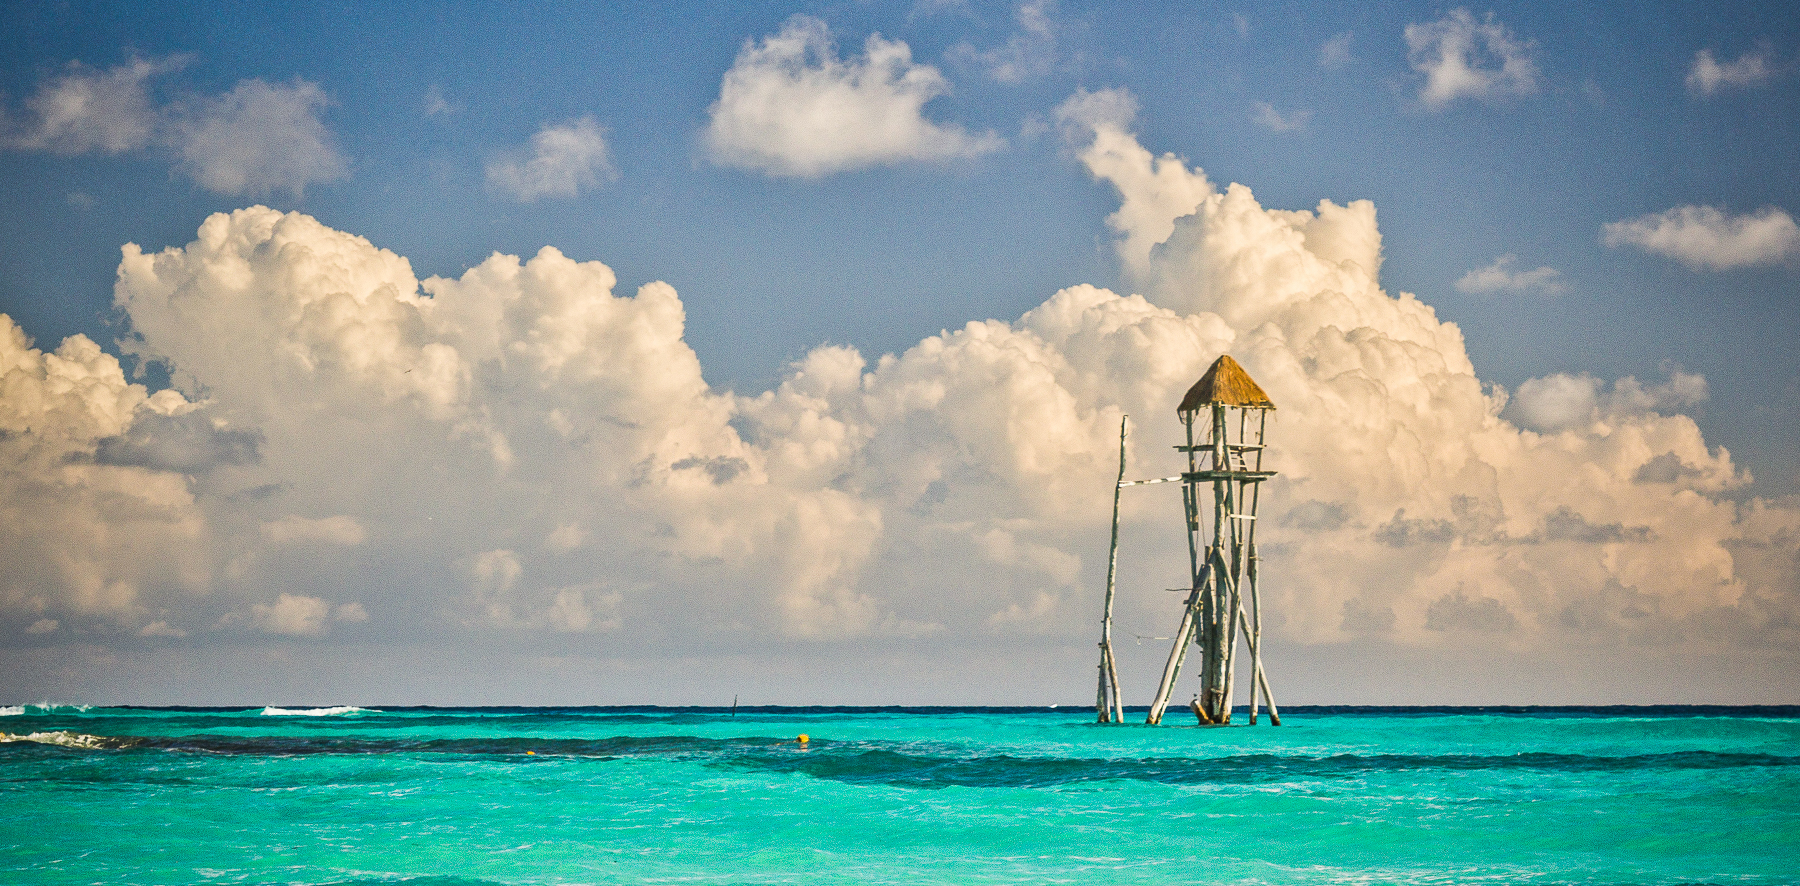 Isla Mujeres, Quintana Roo, México.